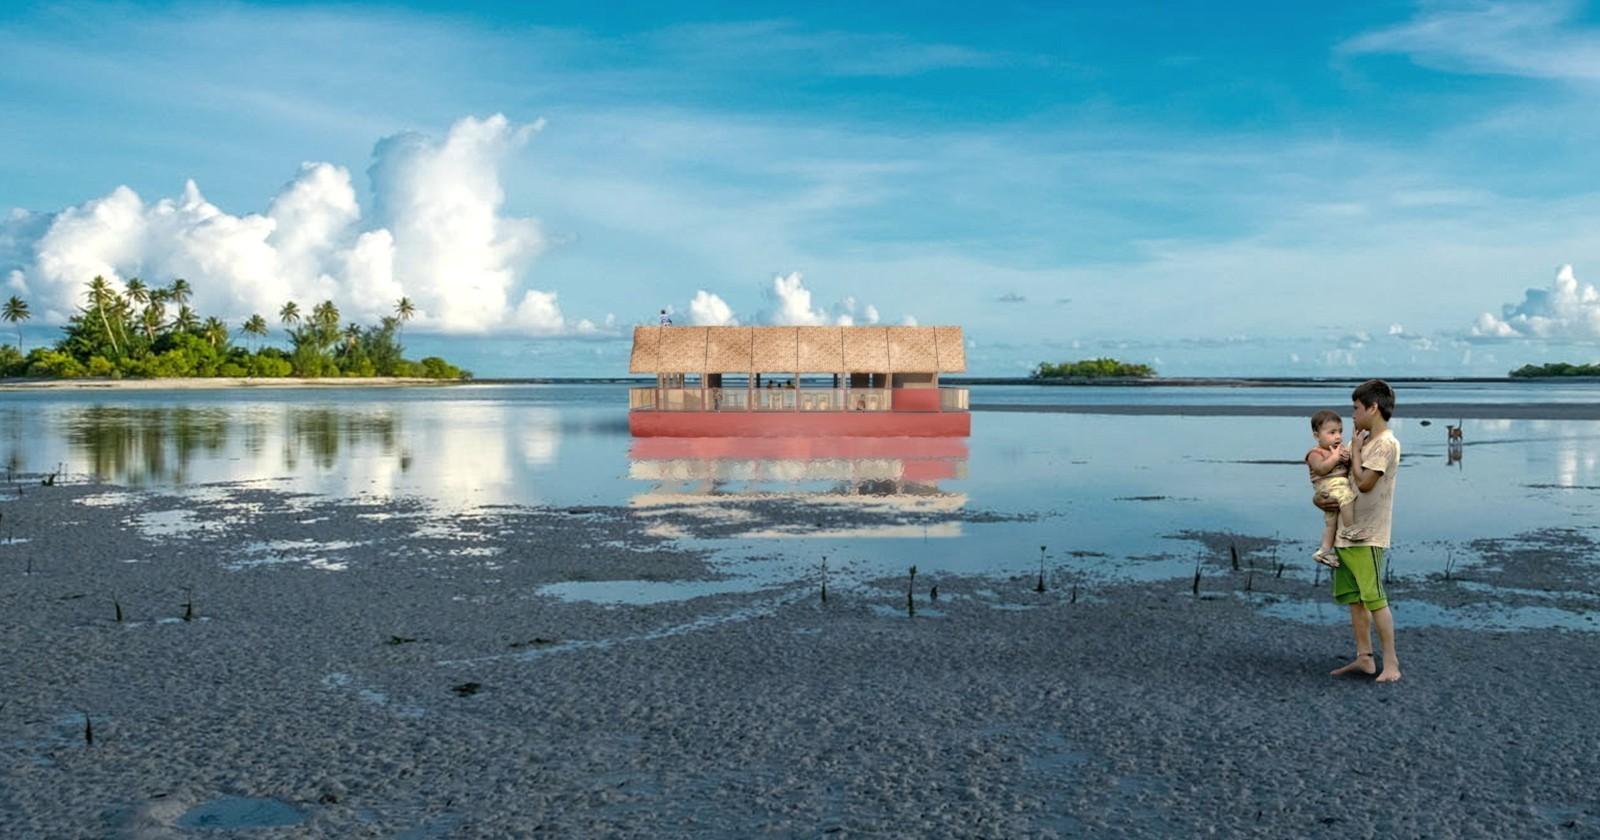 Una scuola-catamarano che viaggia tra gli atolli del Pacifico